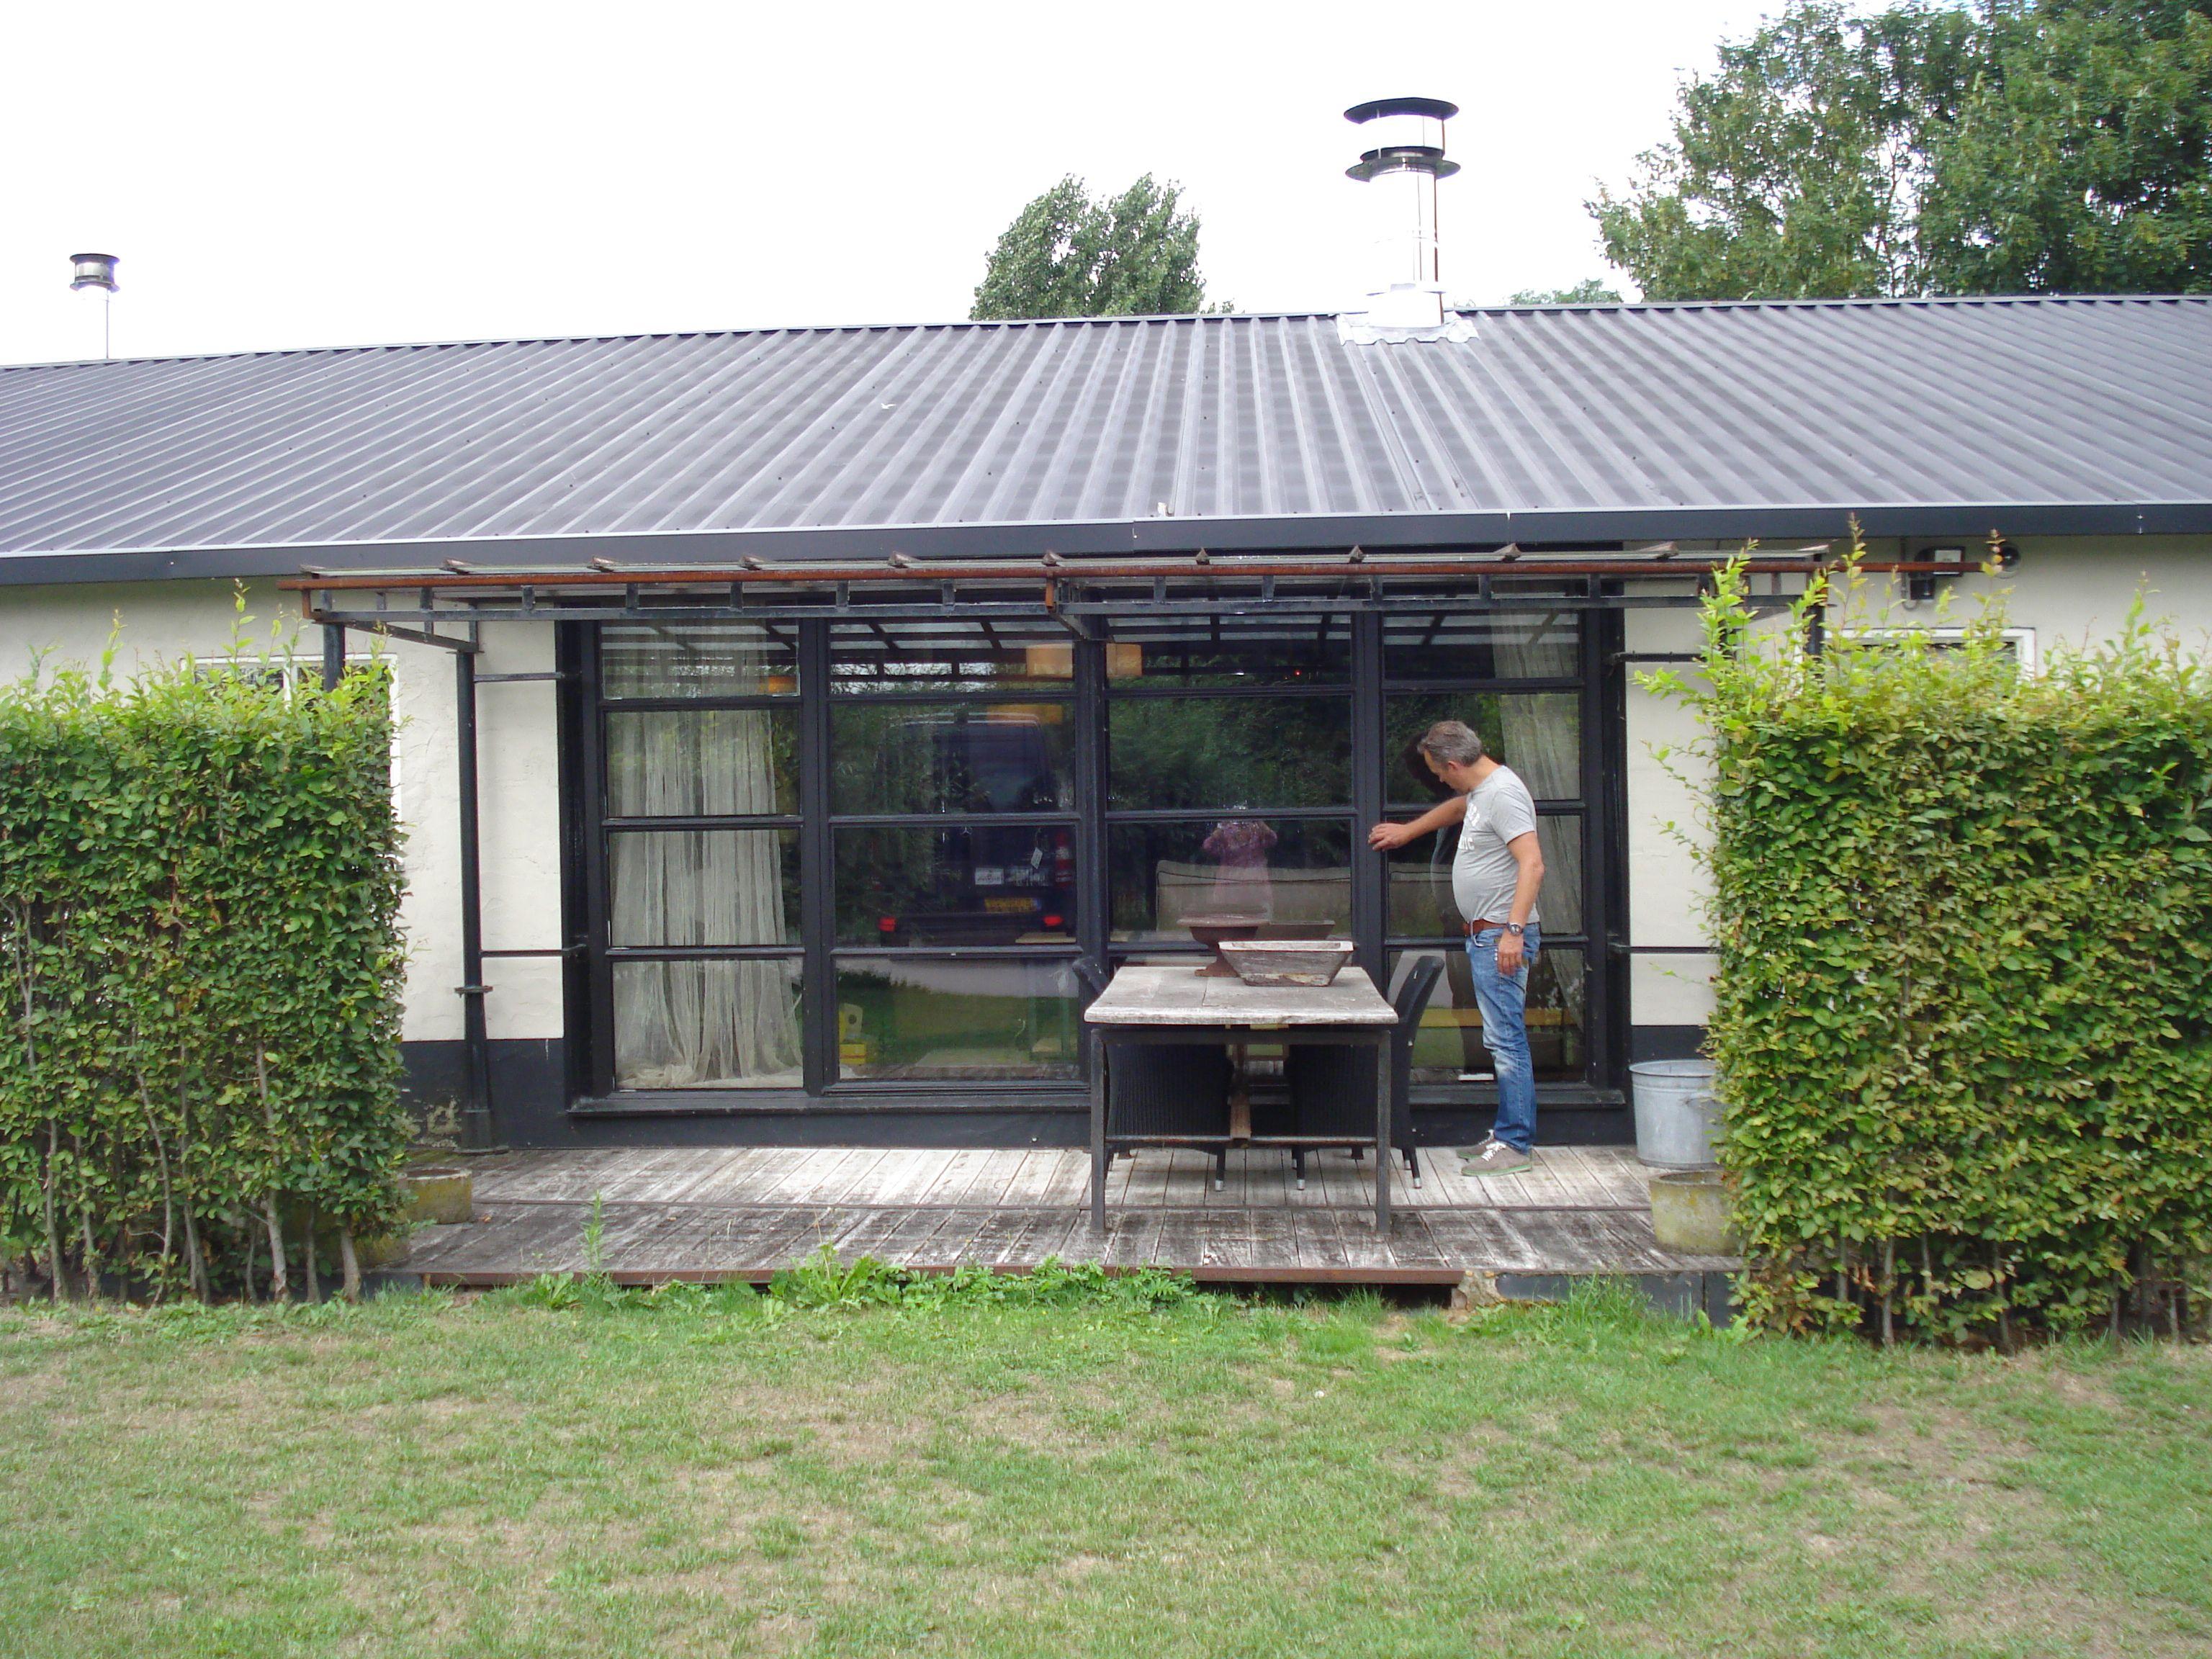 Voorbeeld van een stalen pui in de achterwand van het huis